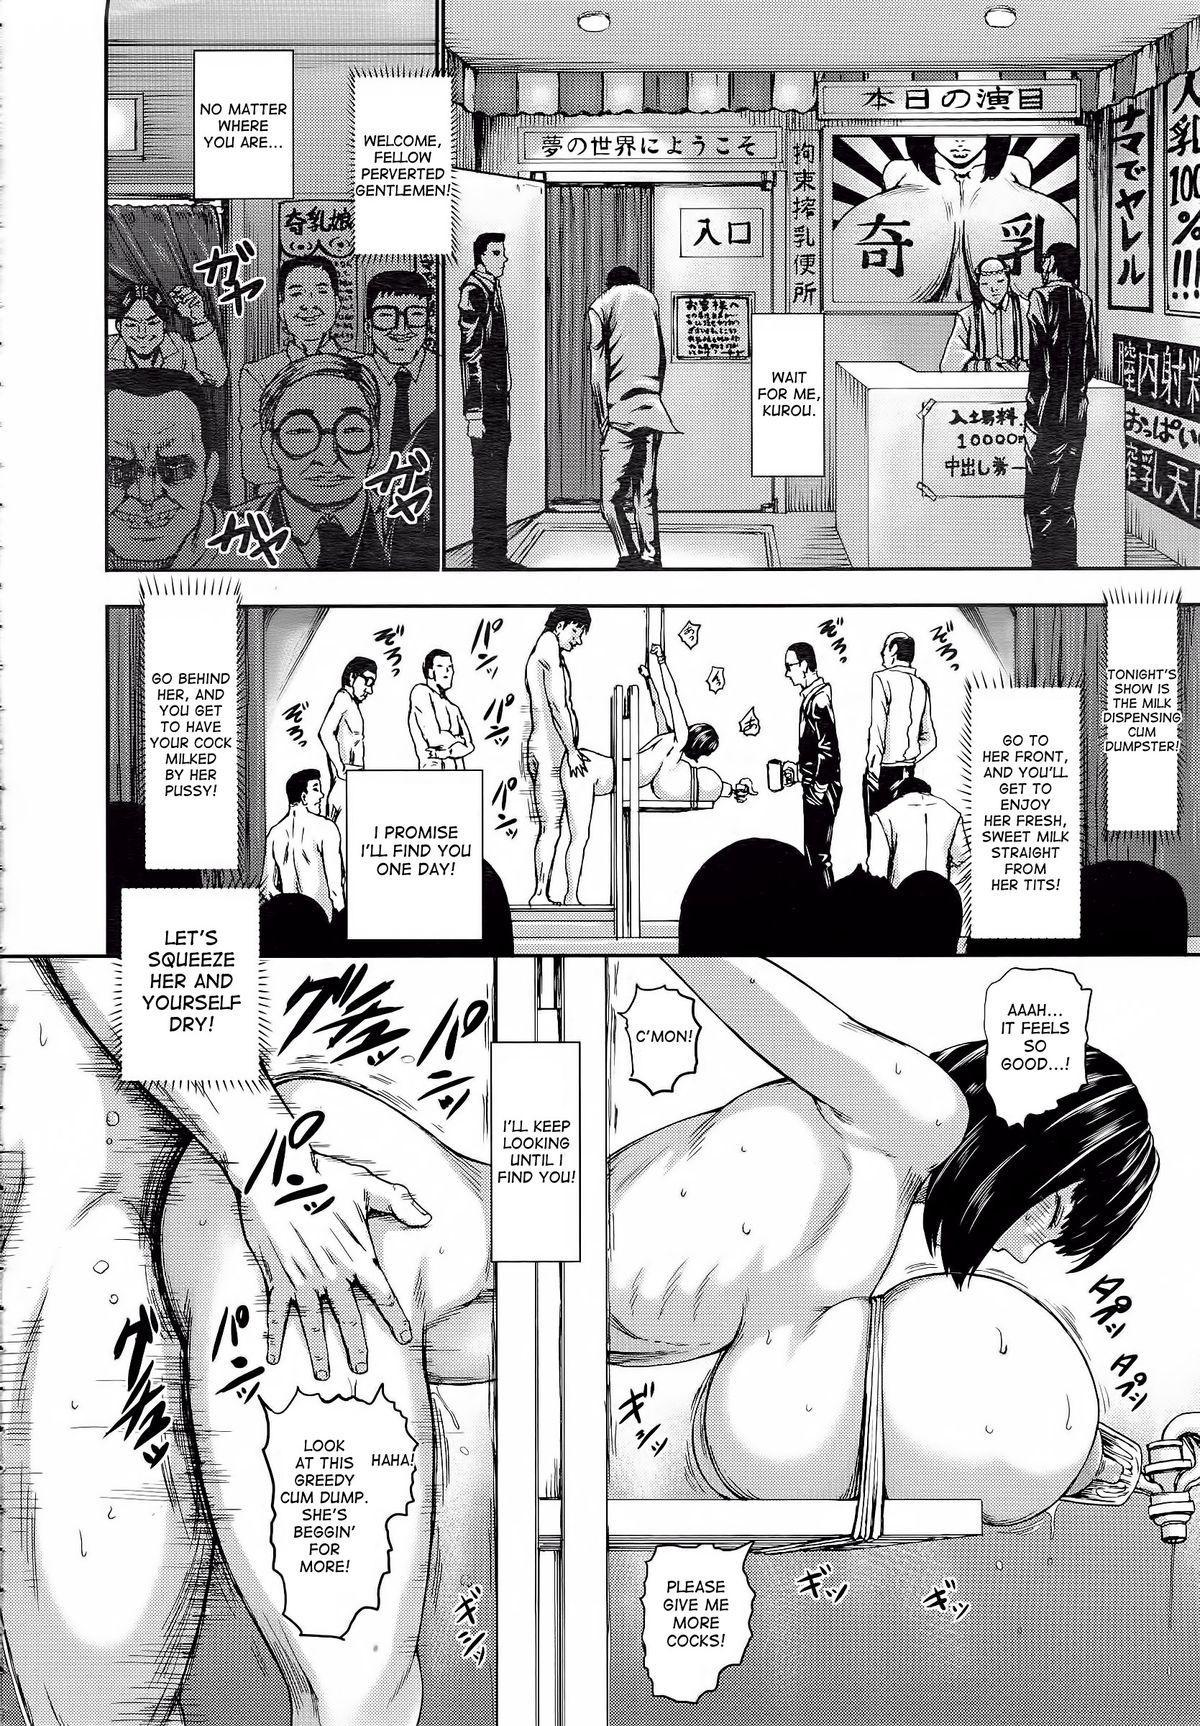 [PIero] Kuroyuki ~Inniku Sakunyuu Jigoku~ Kouhen | Black Snow ~The Depraved Cow-milking Hell~ part 2 (ANGEL Club 2015-05) [English] [desudesu] 9